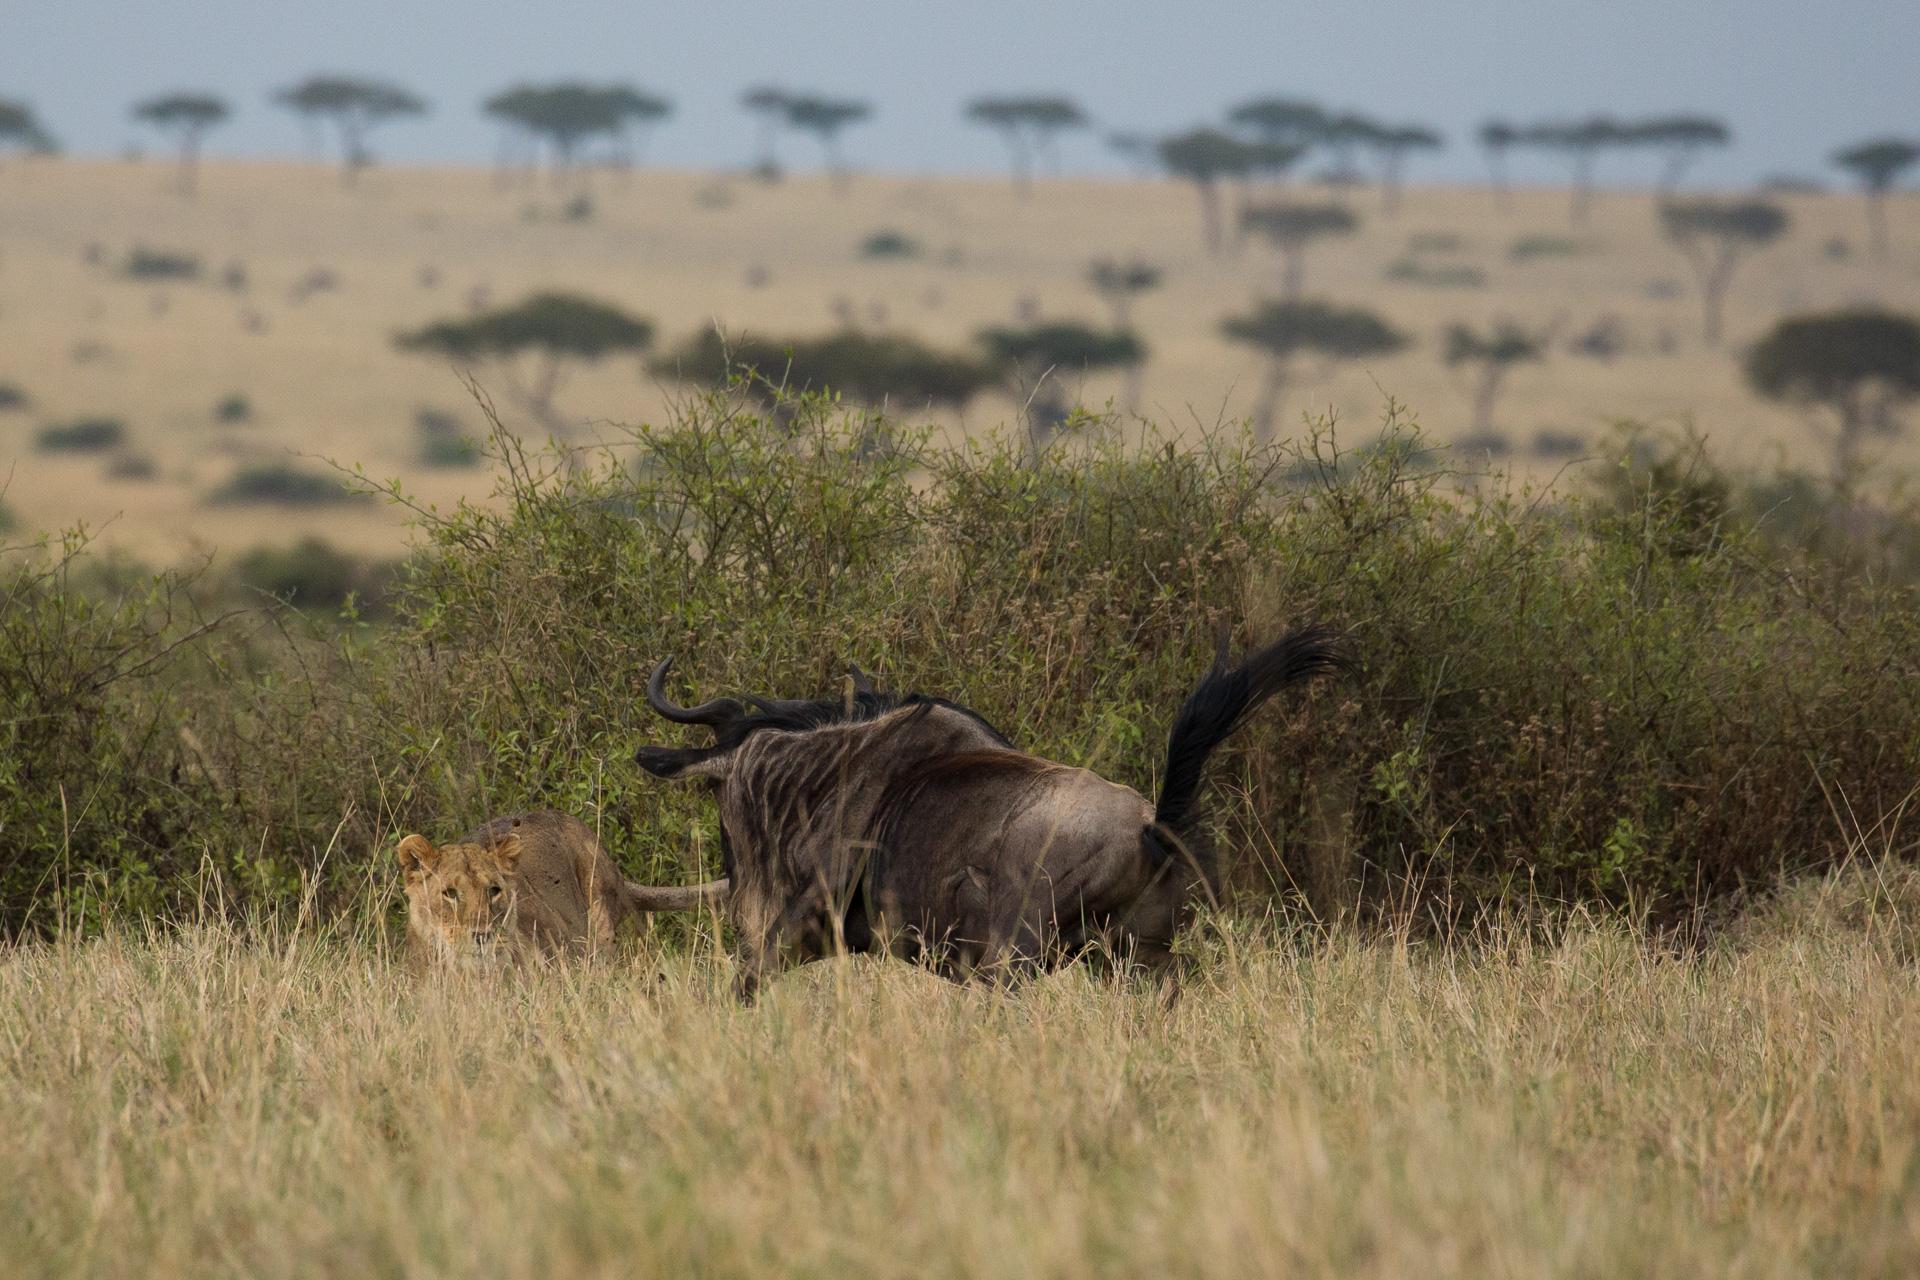 Lion and wildebeest